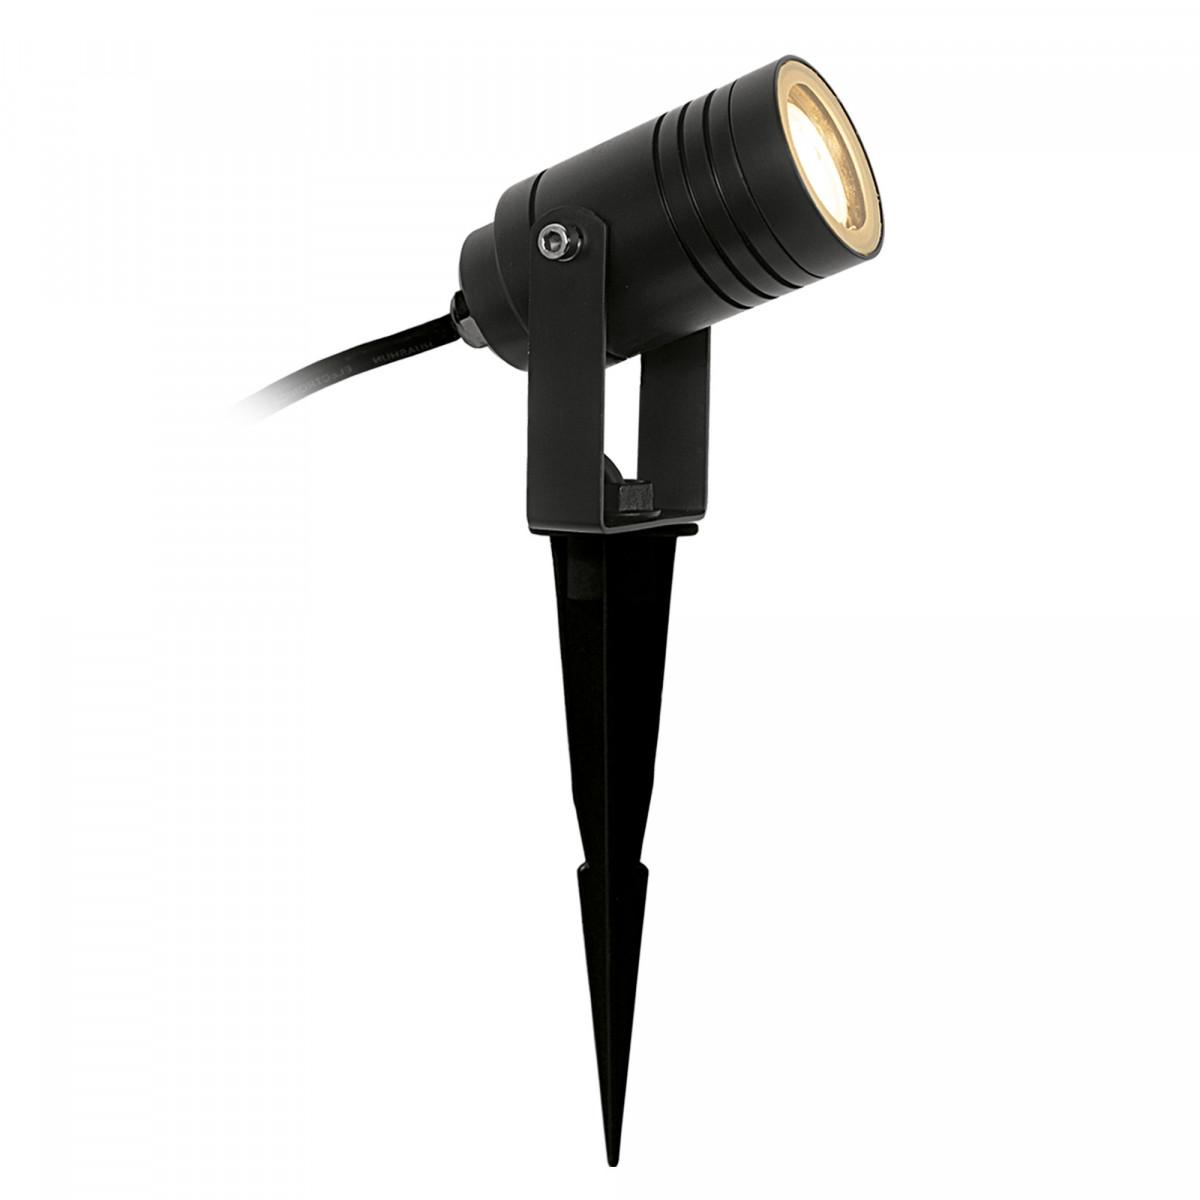 Tuinspot Beamy S zwart met grondspie snoer en stekker gemakkelijk te plaatsen tuinverlichting van KS Verlichting